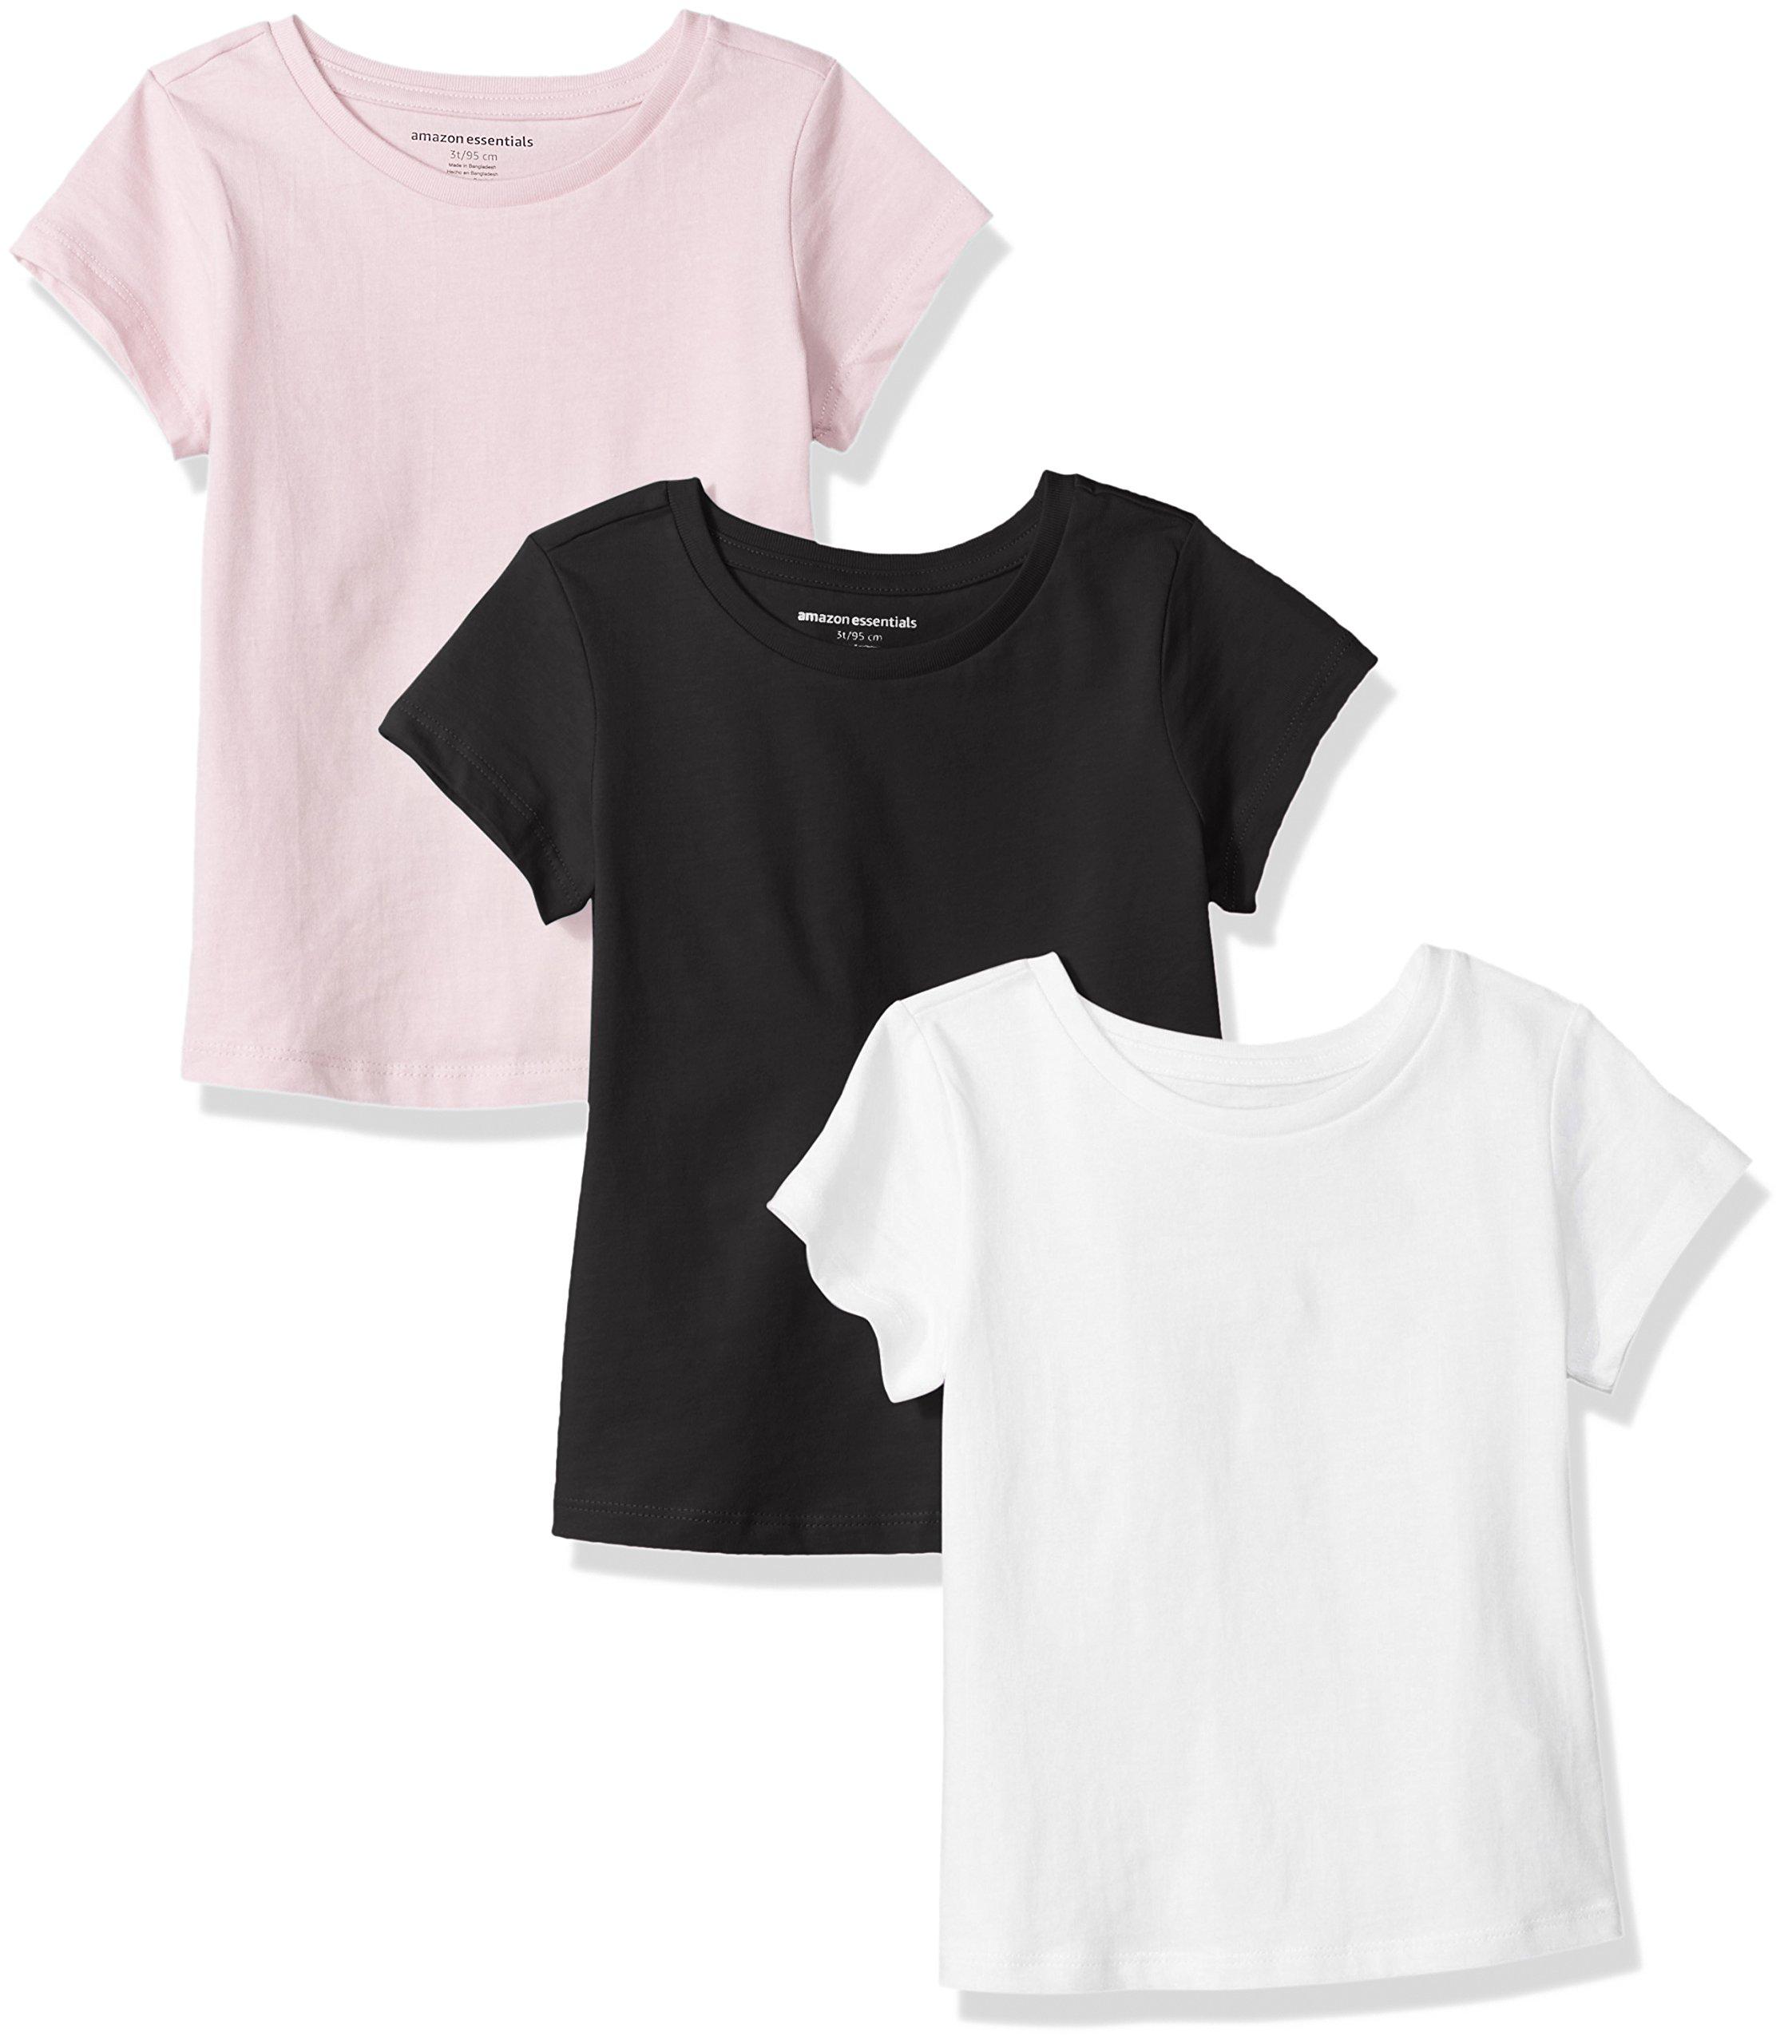 Amazon Essentials Girls' 3-Pack Short-Sleeve Tee, White/Black/Pink, M (8) by Amazon Essentials